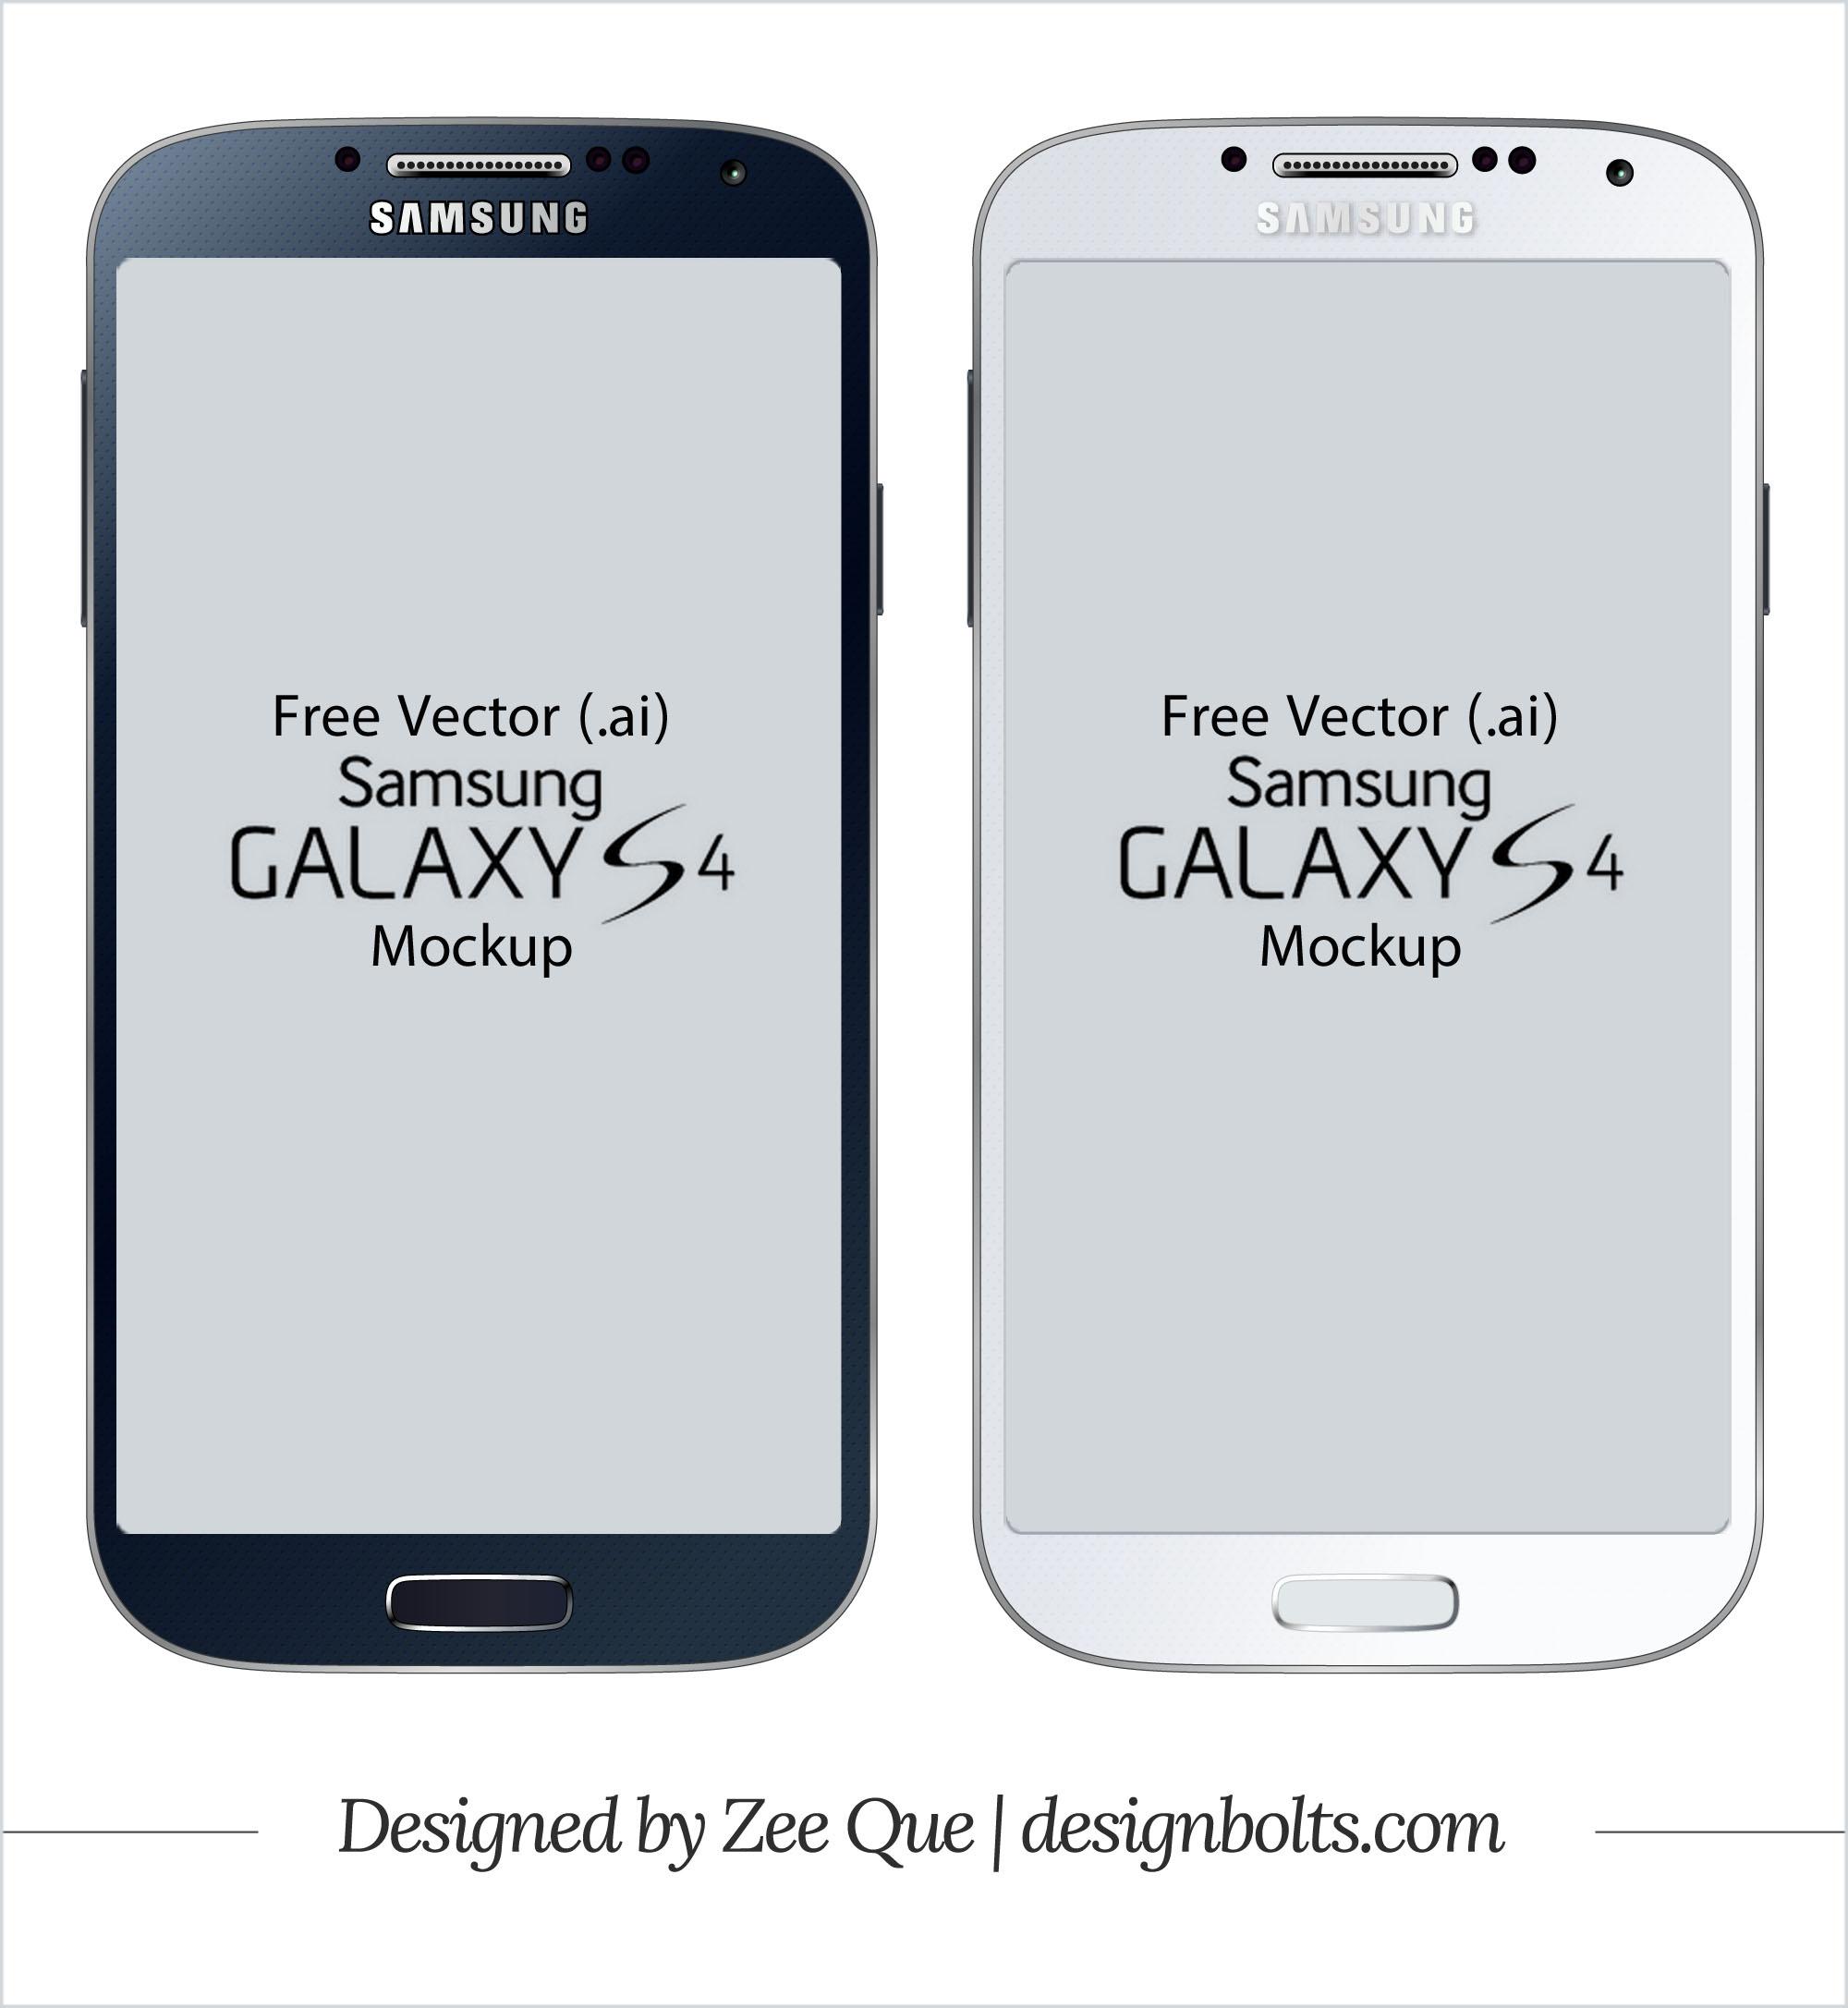 11 Samsung Galaxy S4 Mockup Vector Free Images